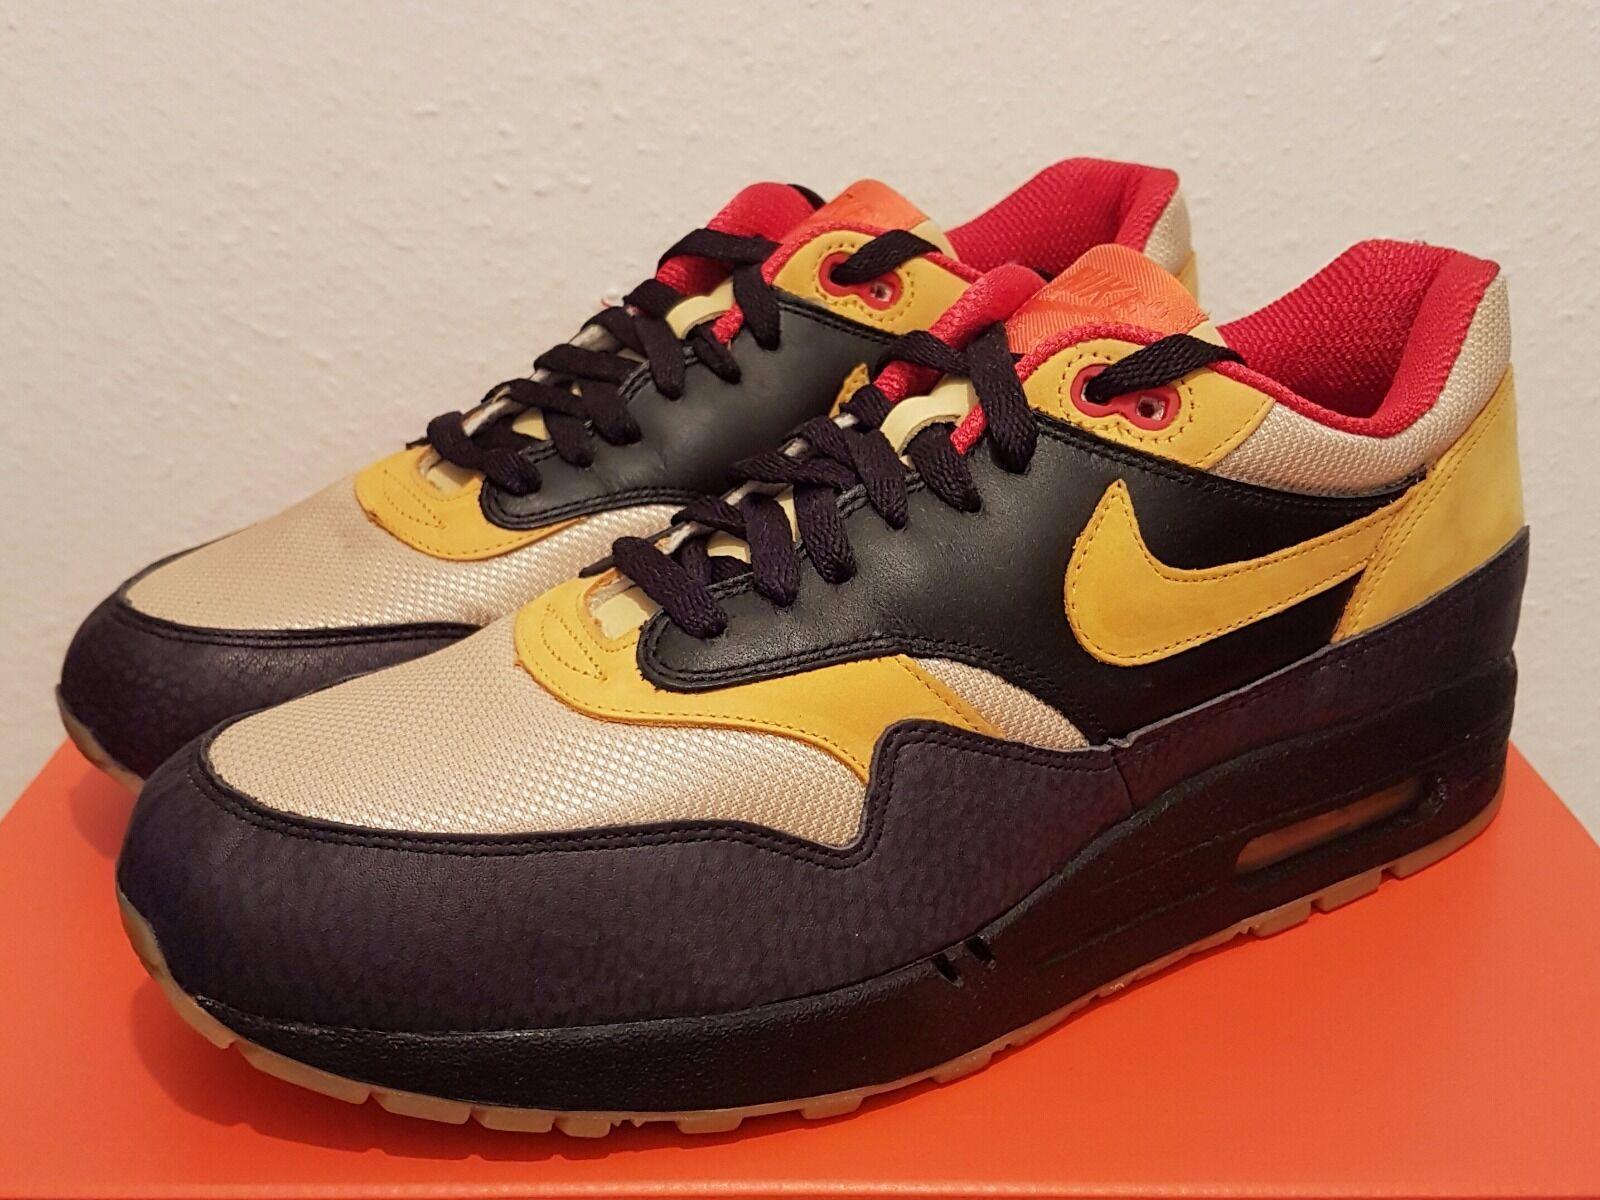 Nike Air Tech Max 1 Supreme Safari Tech Air Pack 2008 Gr. 44,5 Patta Yeezy 97 90 180 b2c450